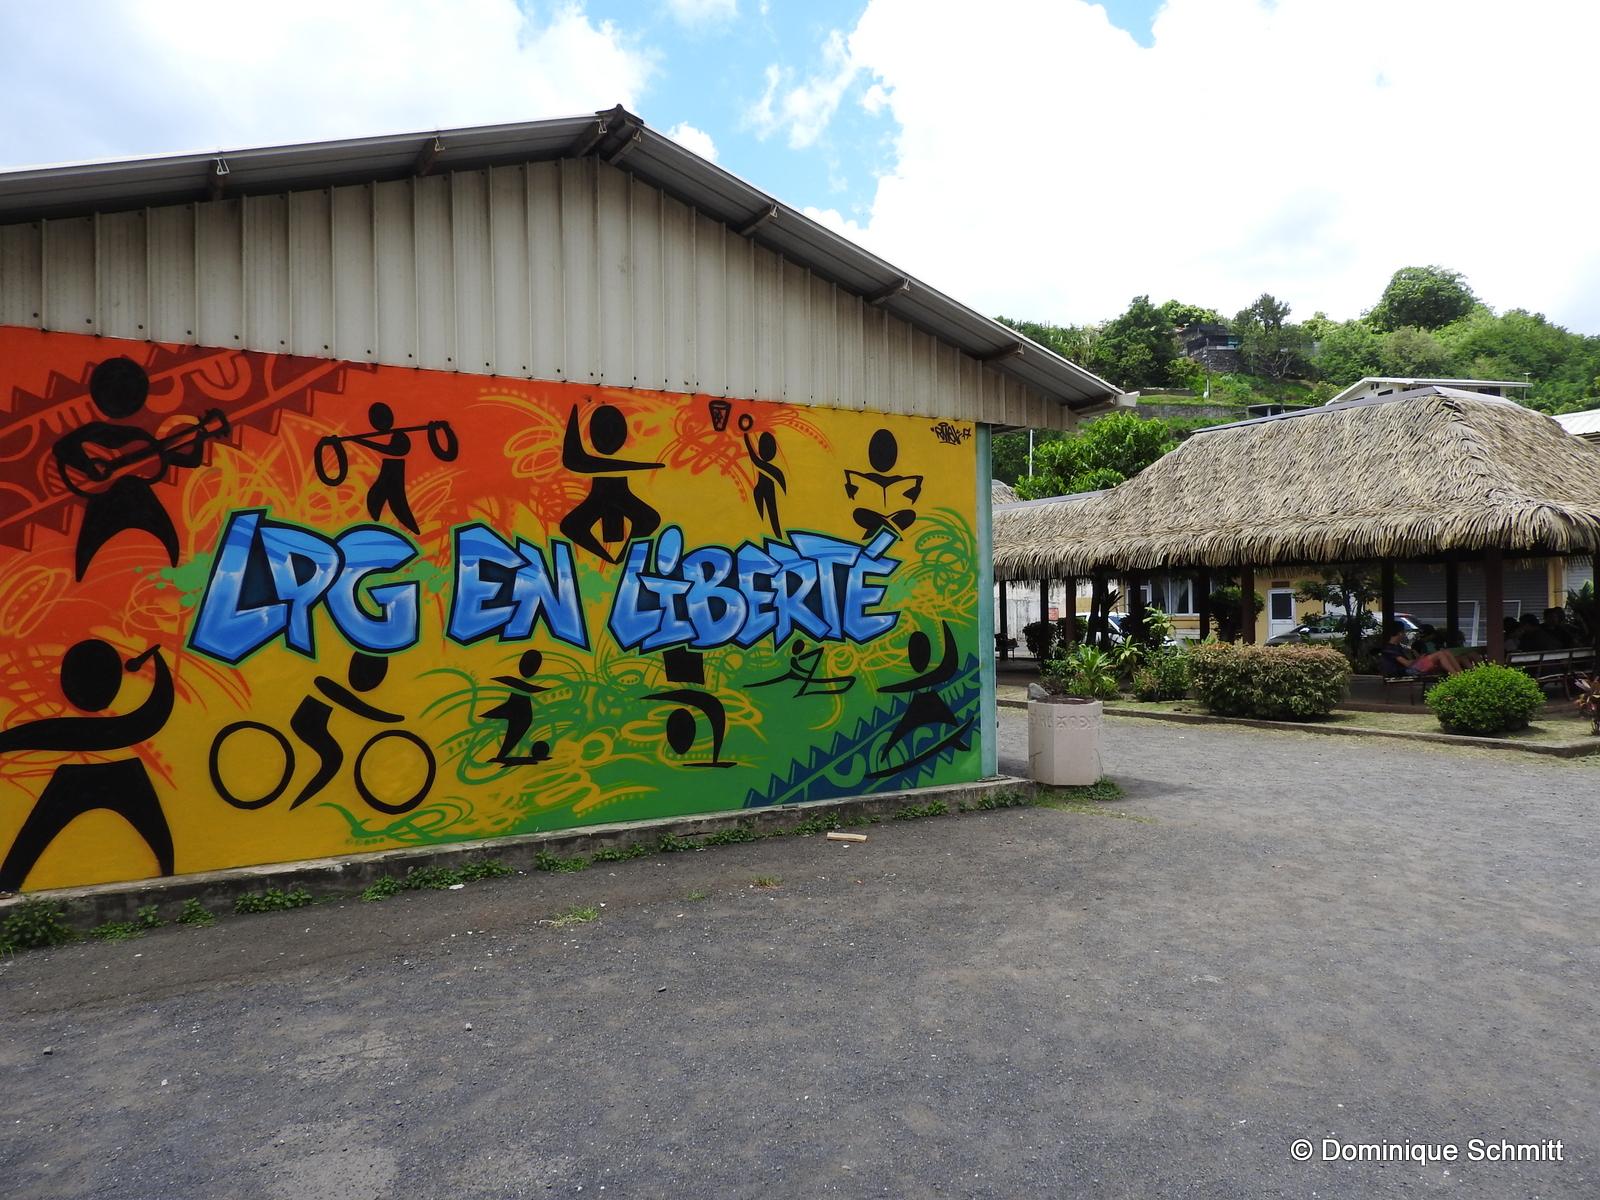 Cette superbe fresque murale a été réalisée par Rival, un jeune artiste professionnel qui initiera les élèves au graff', lors du festival.